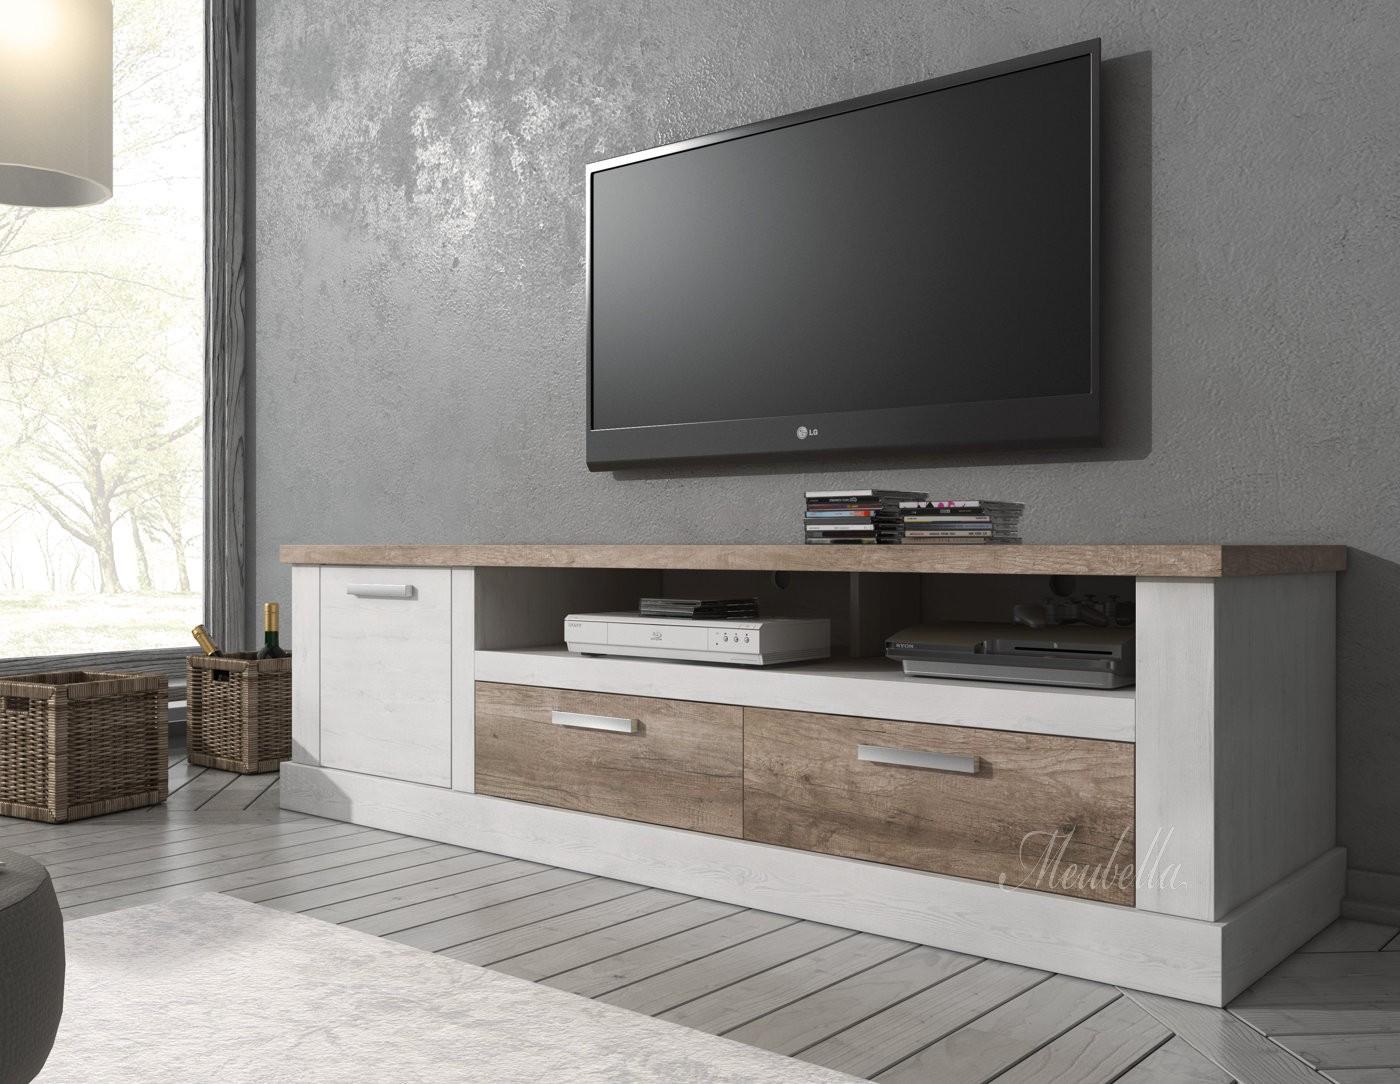 Tv Kast Wit : Tv meubel danvill wit eiken cm meubella